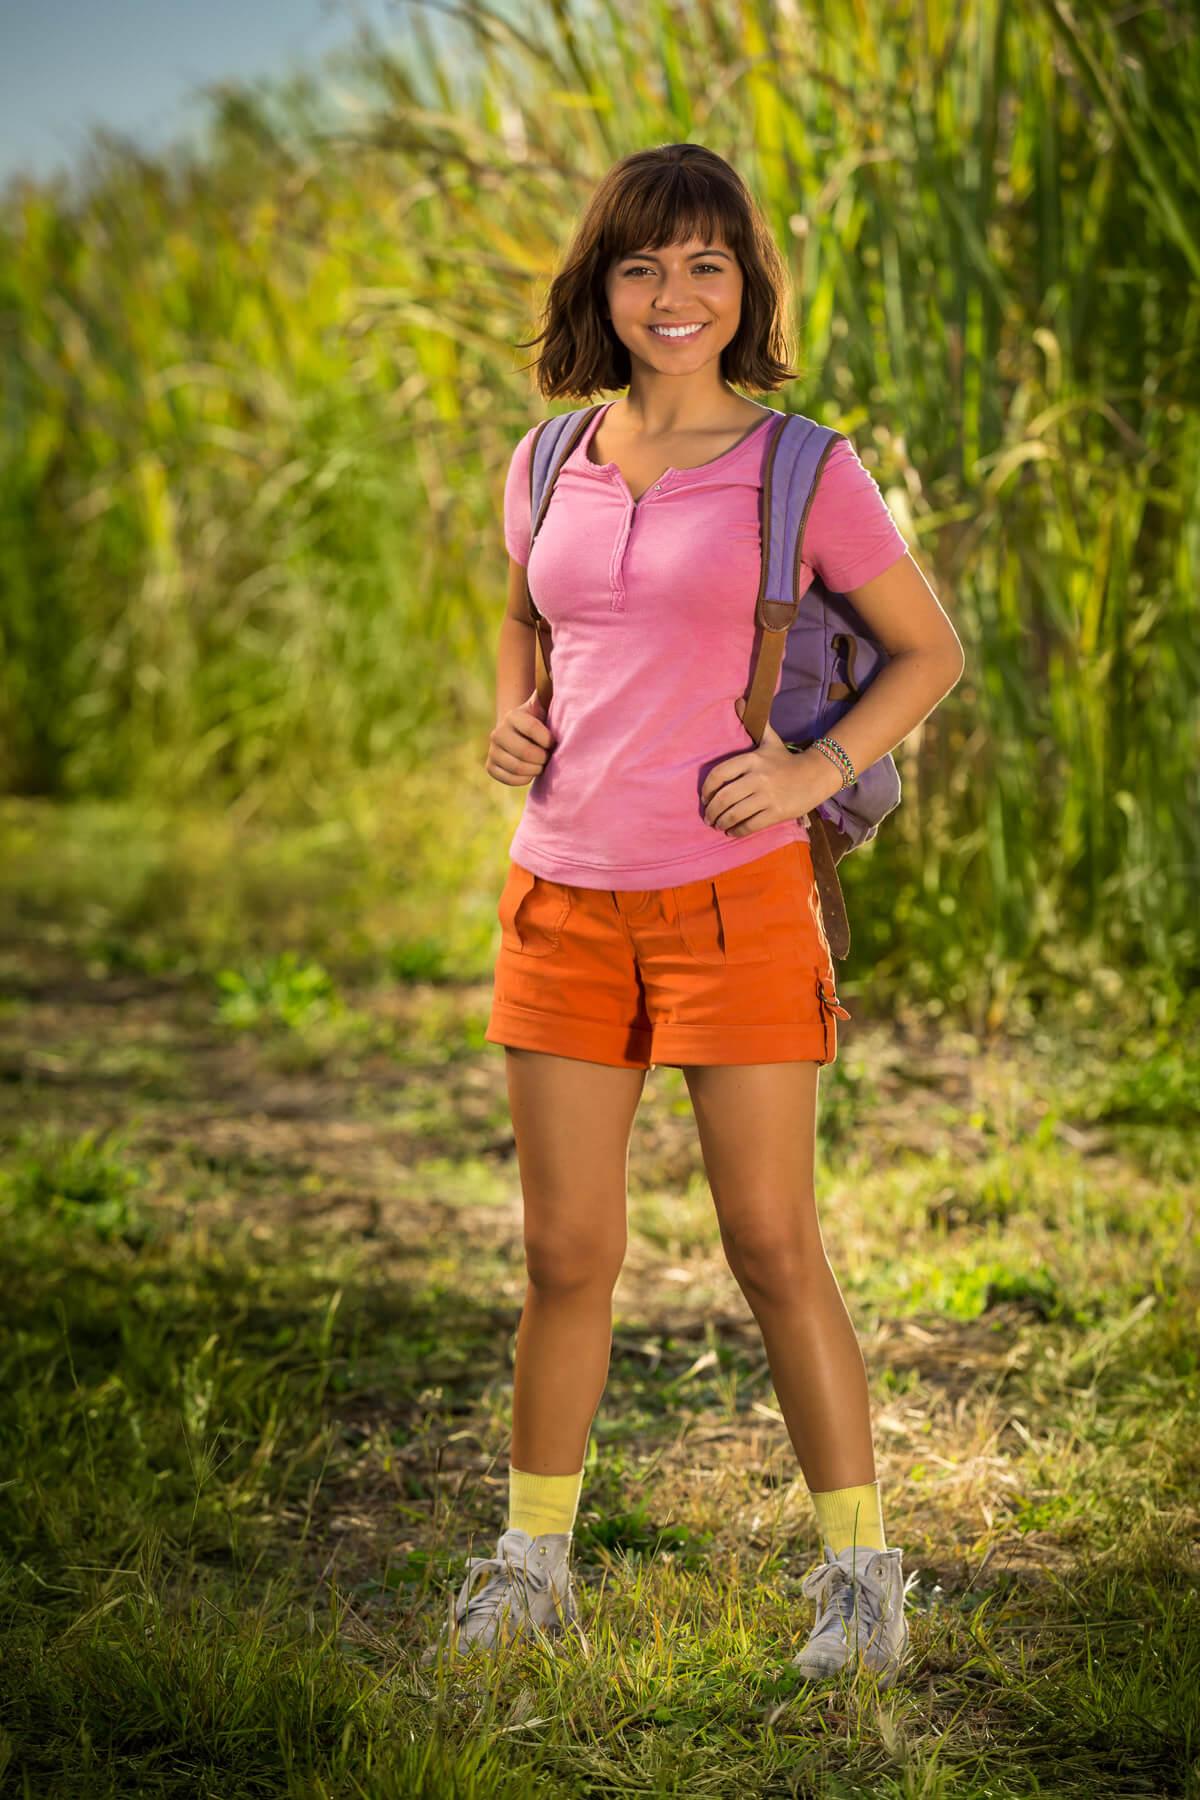 Dora exploradora la película 2019